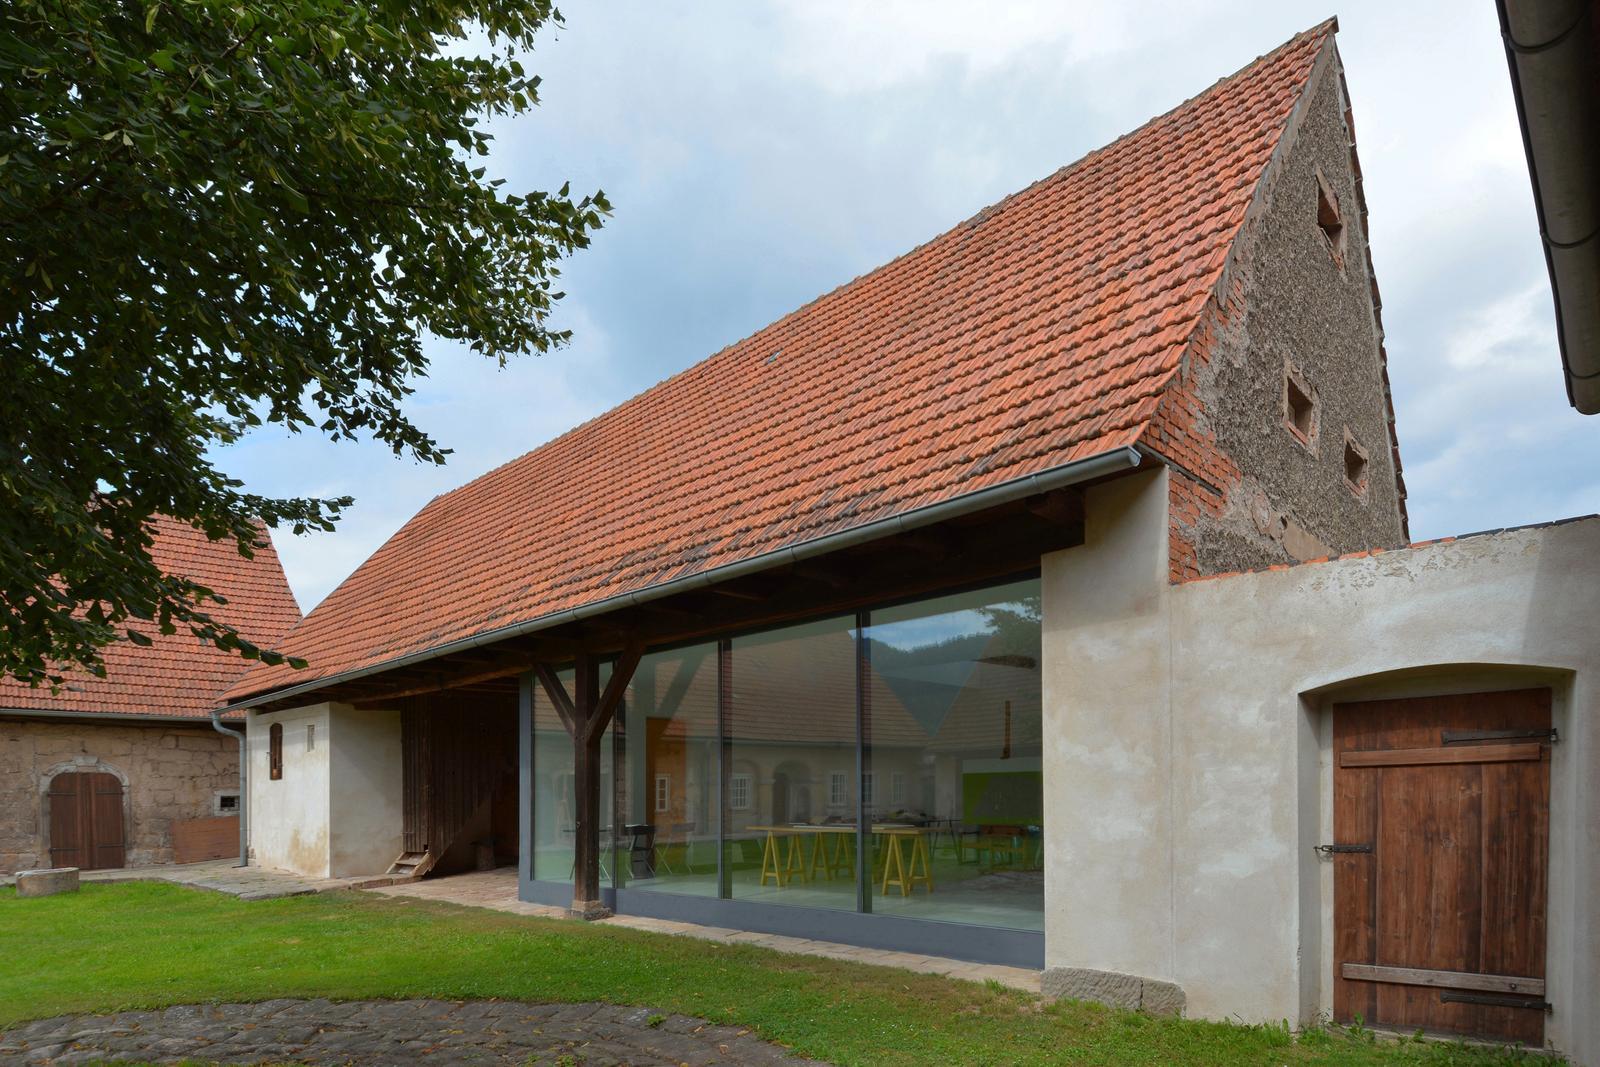 Nové v starom alebo moderné rekonštrukcie - moderný ateliér v starom humne